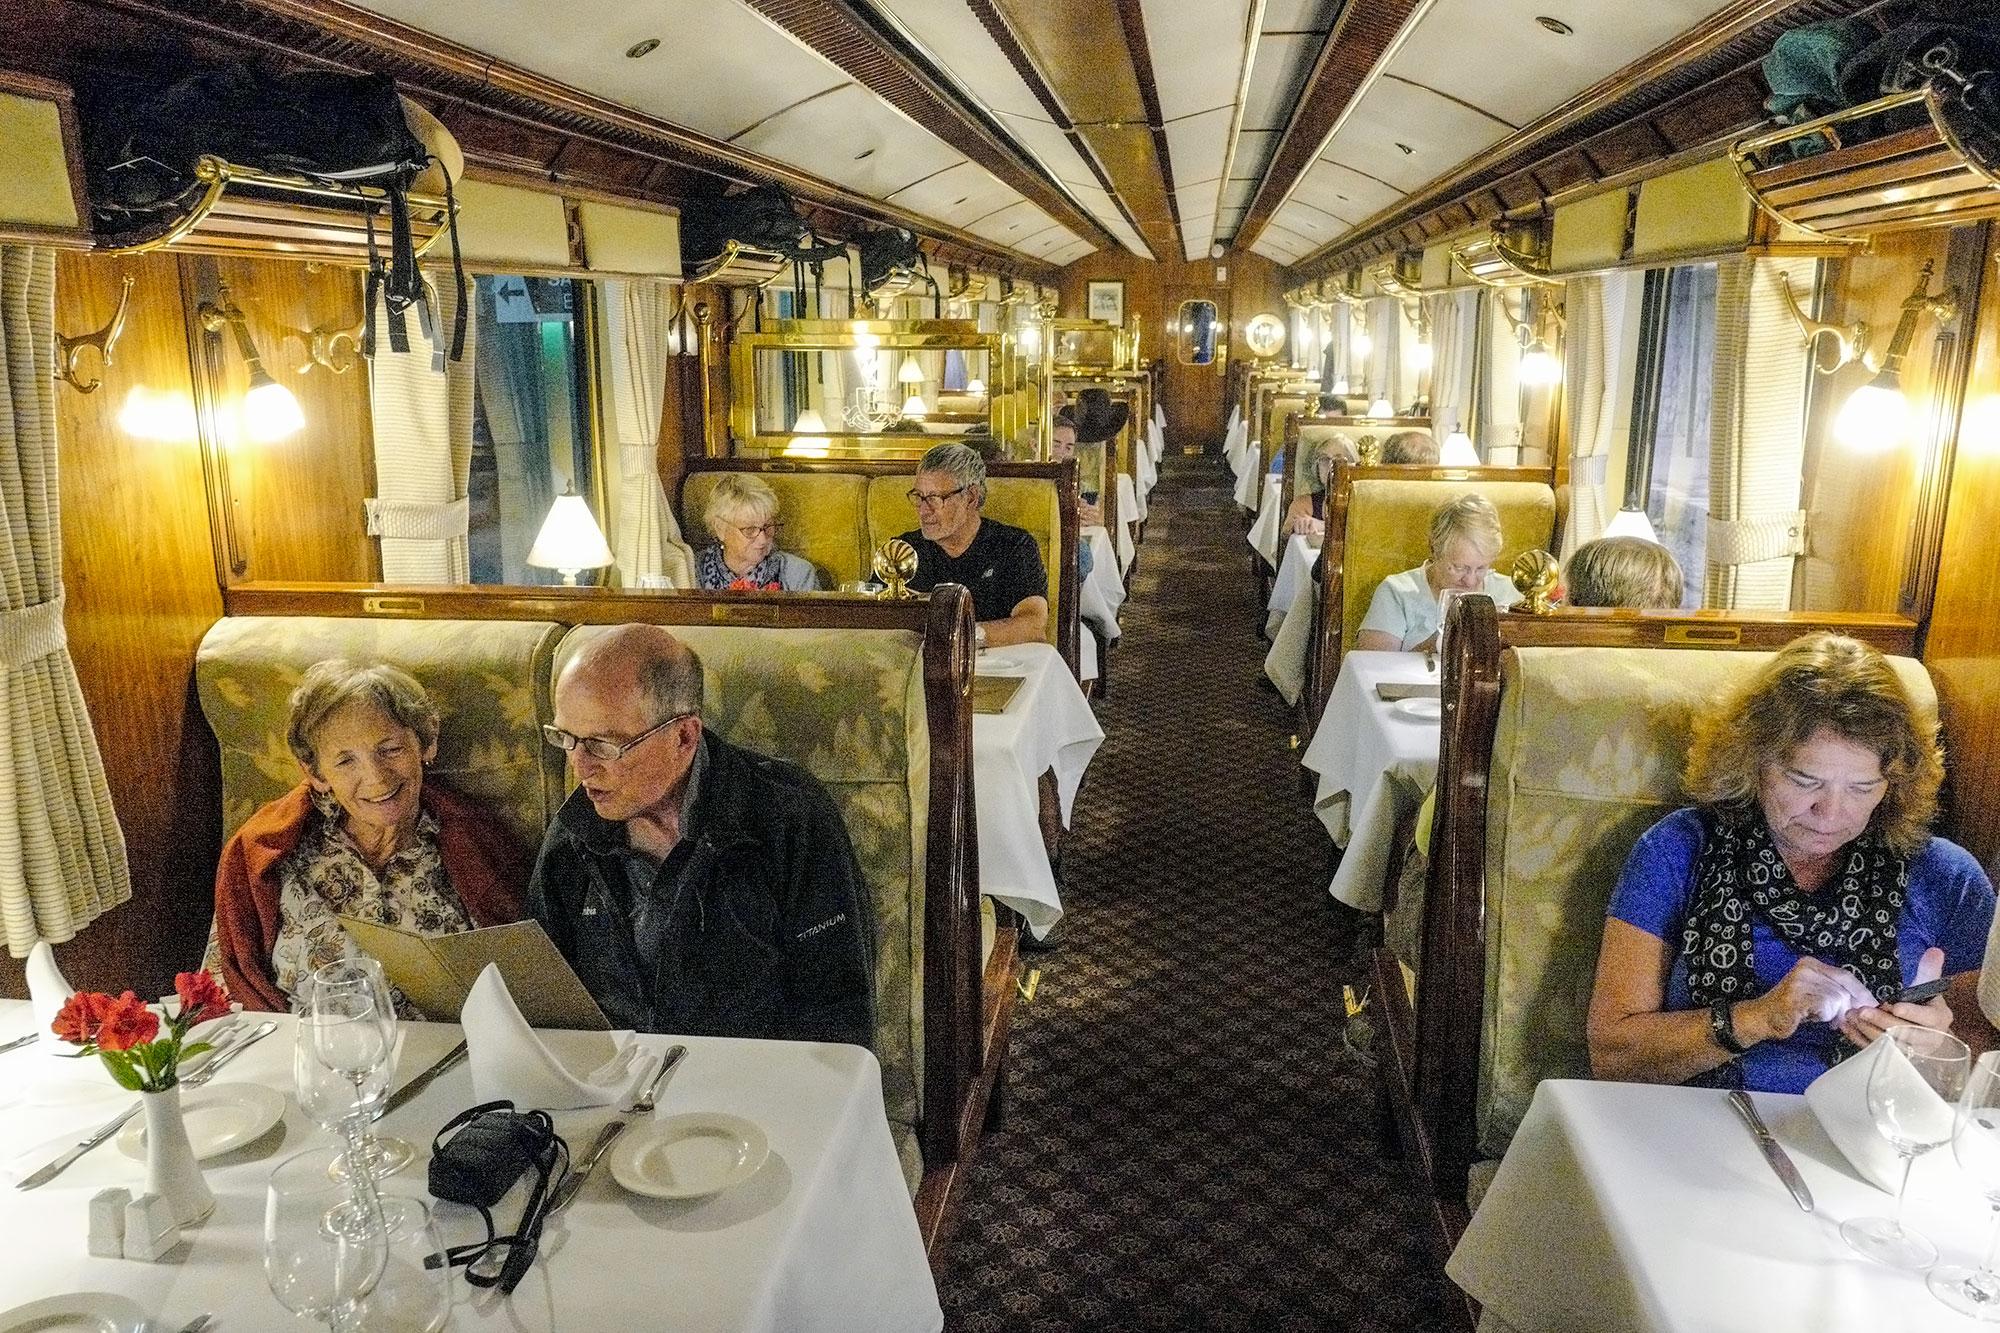 Waiting for Dinner on the Hiram Bingham Train